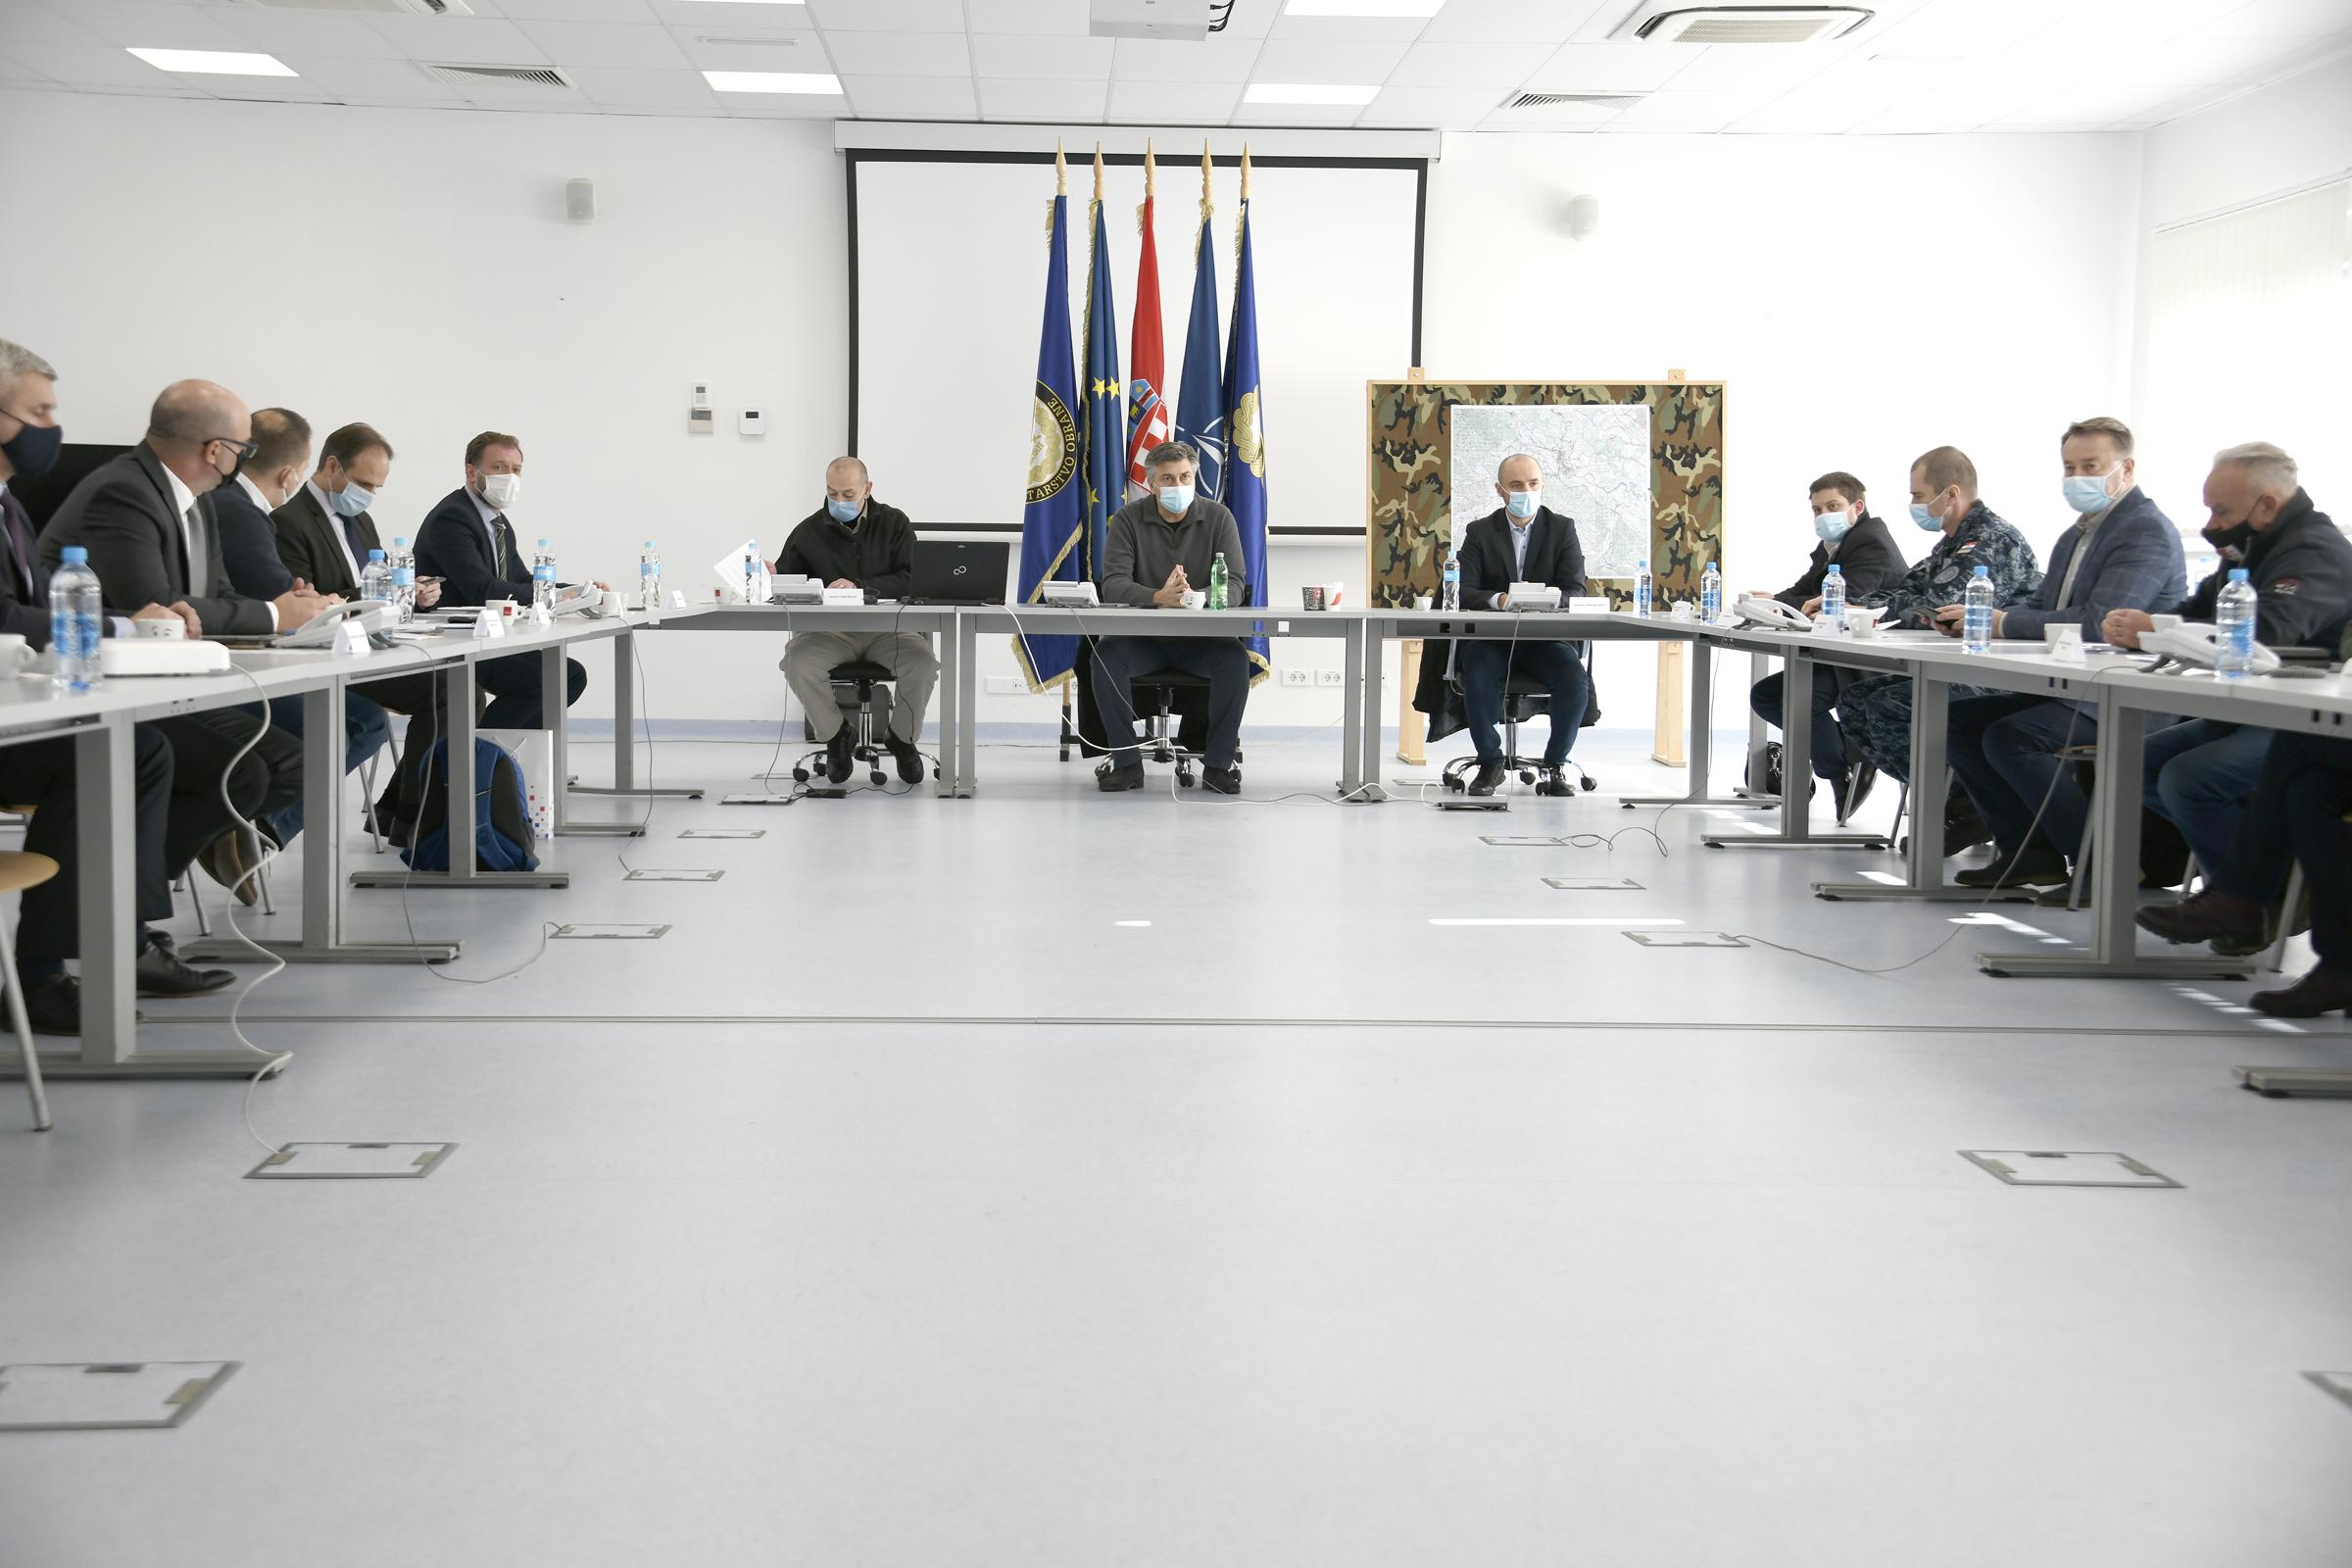 Ministar Banožić u posjetu Petrinji, Glini, Majskim Poljanama i Sisku